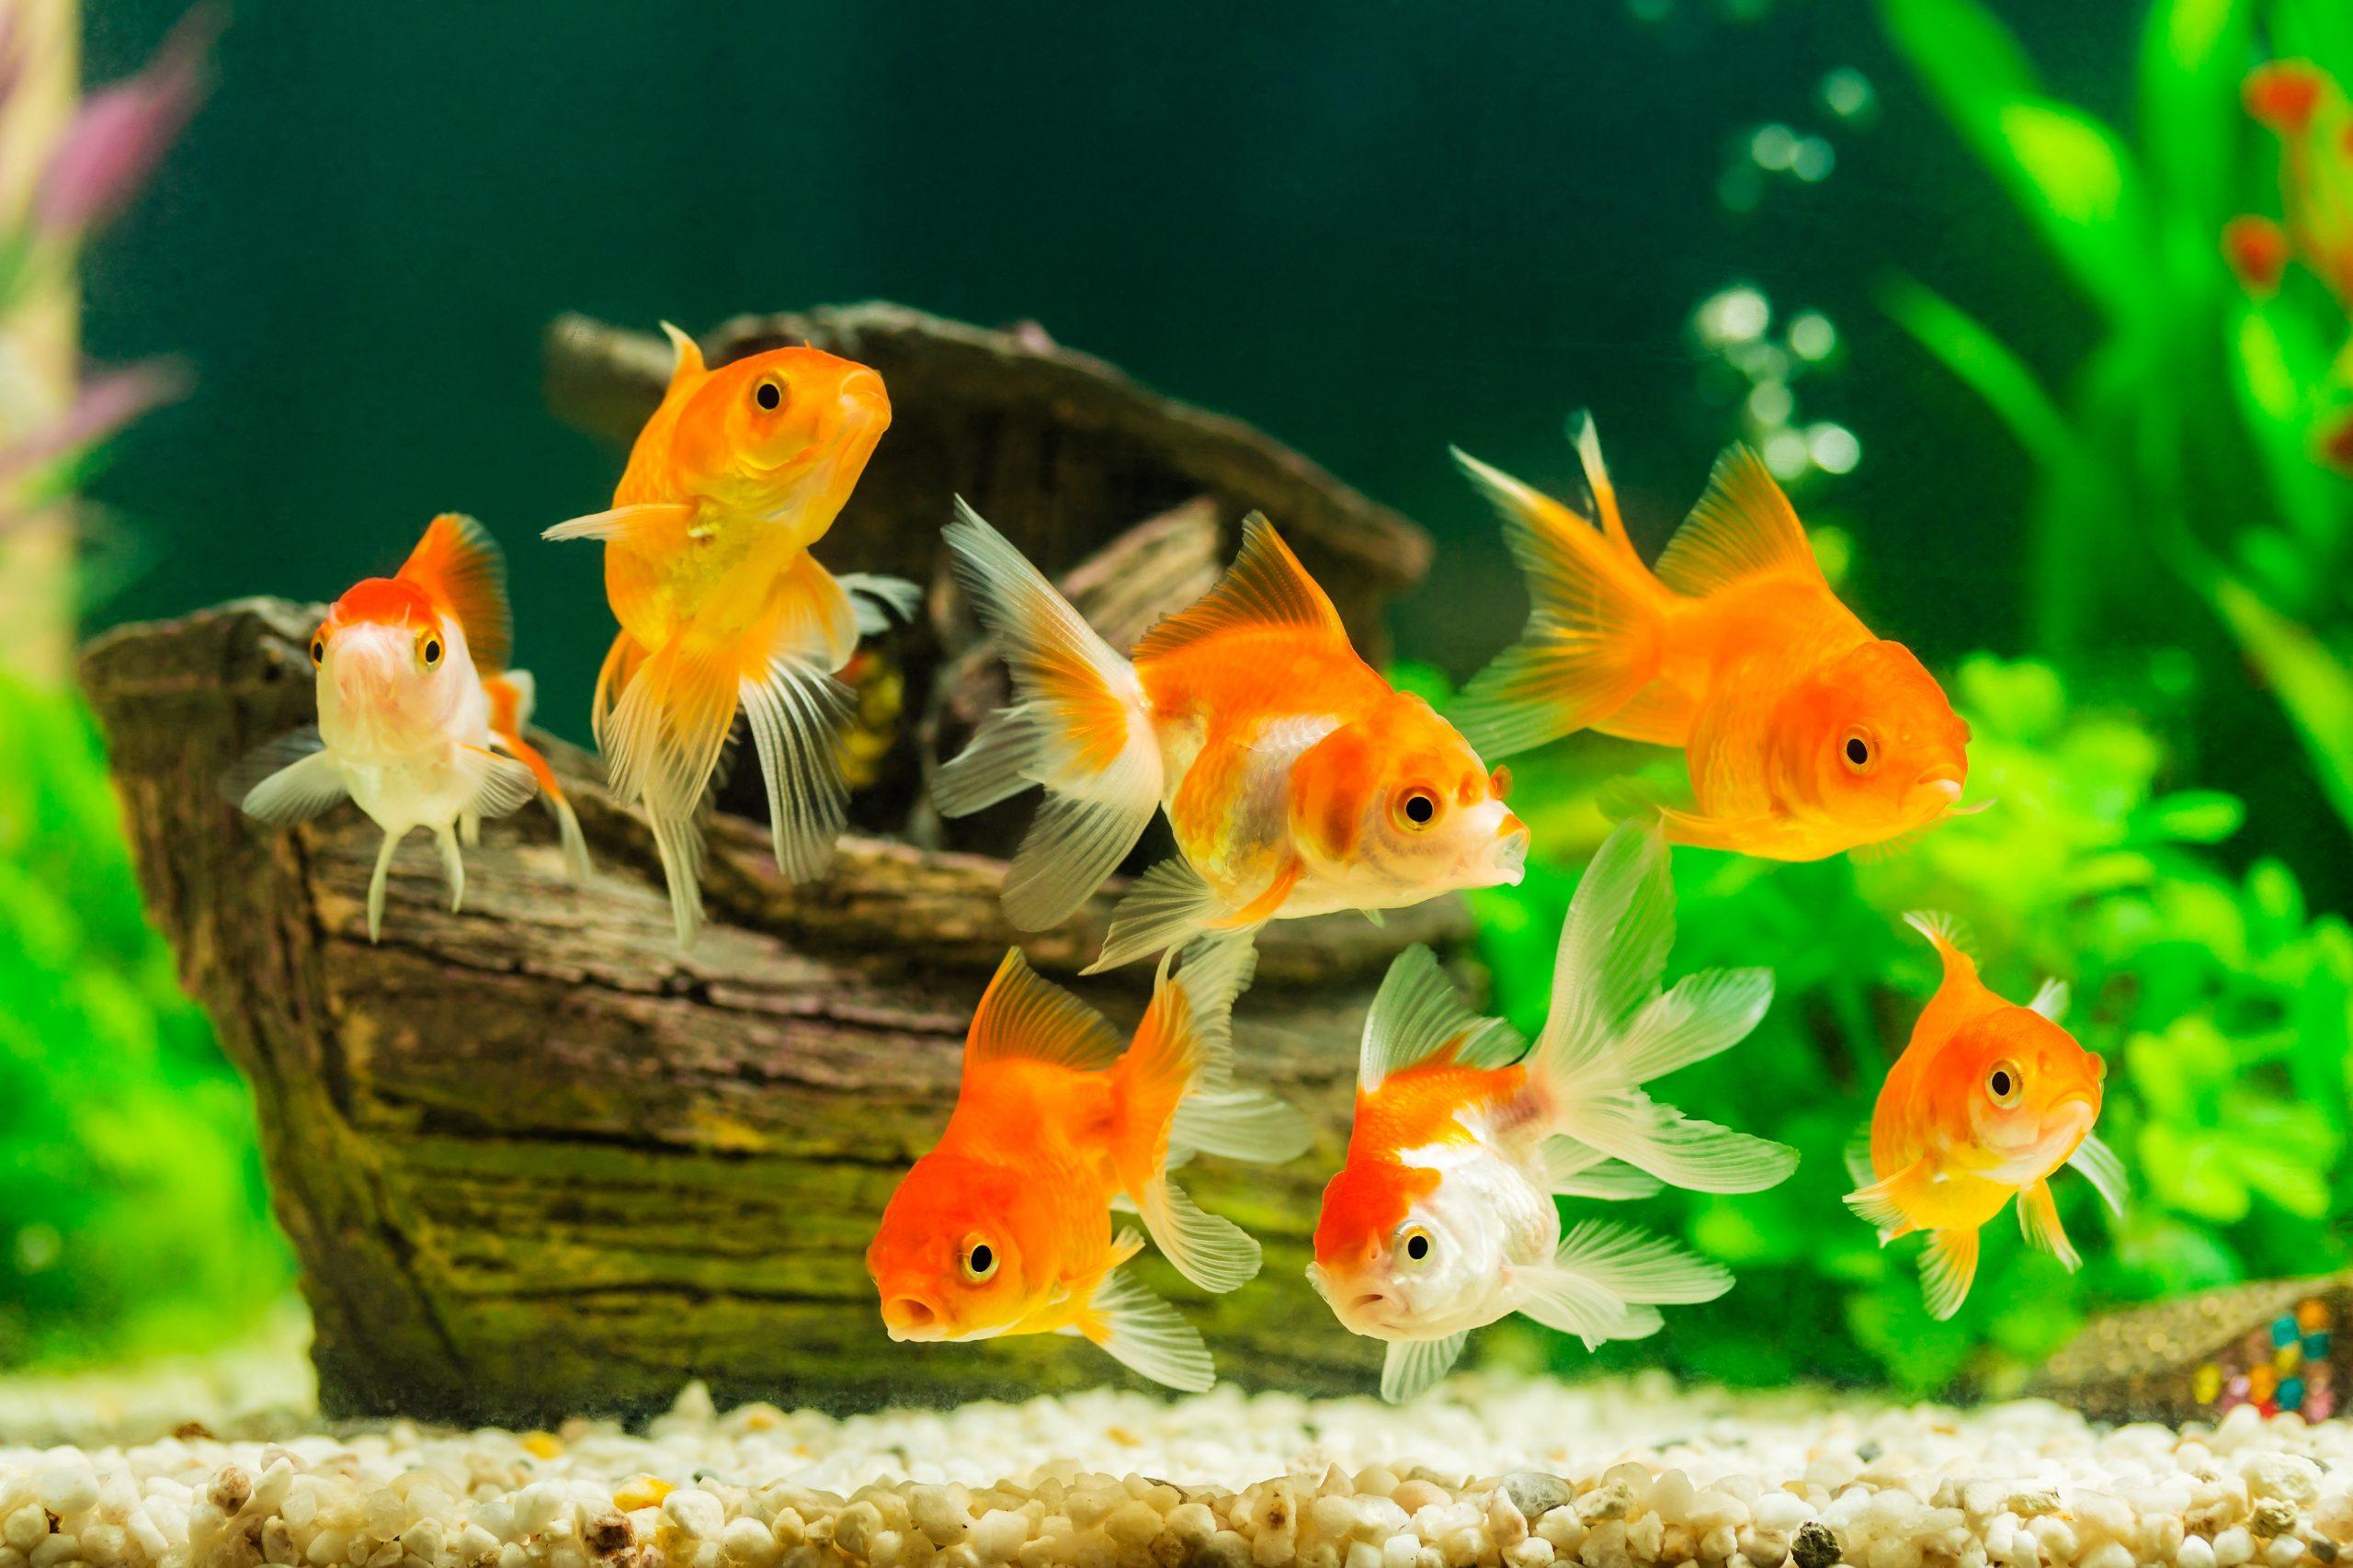 Fischfutter: Test & Empfehlungen (05/20)